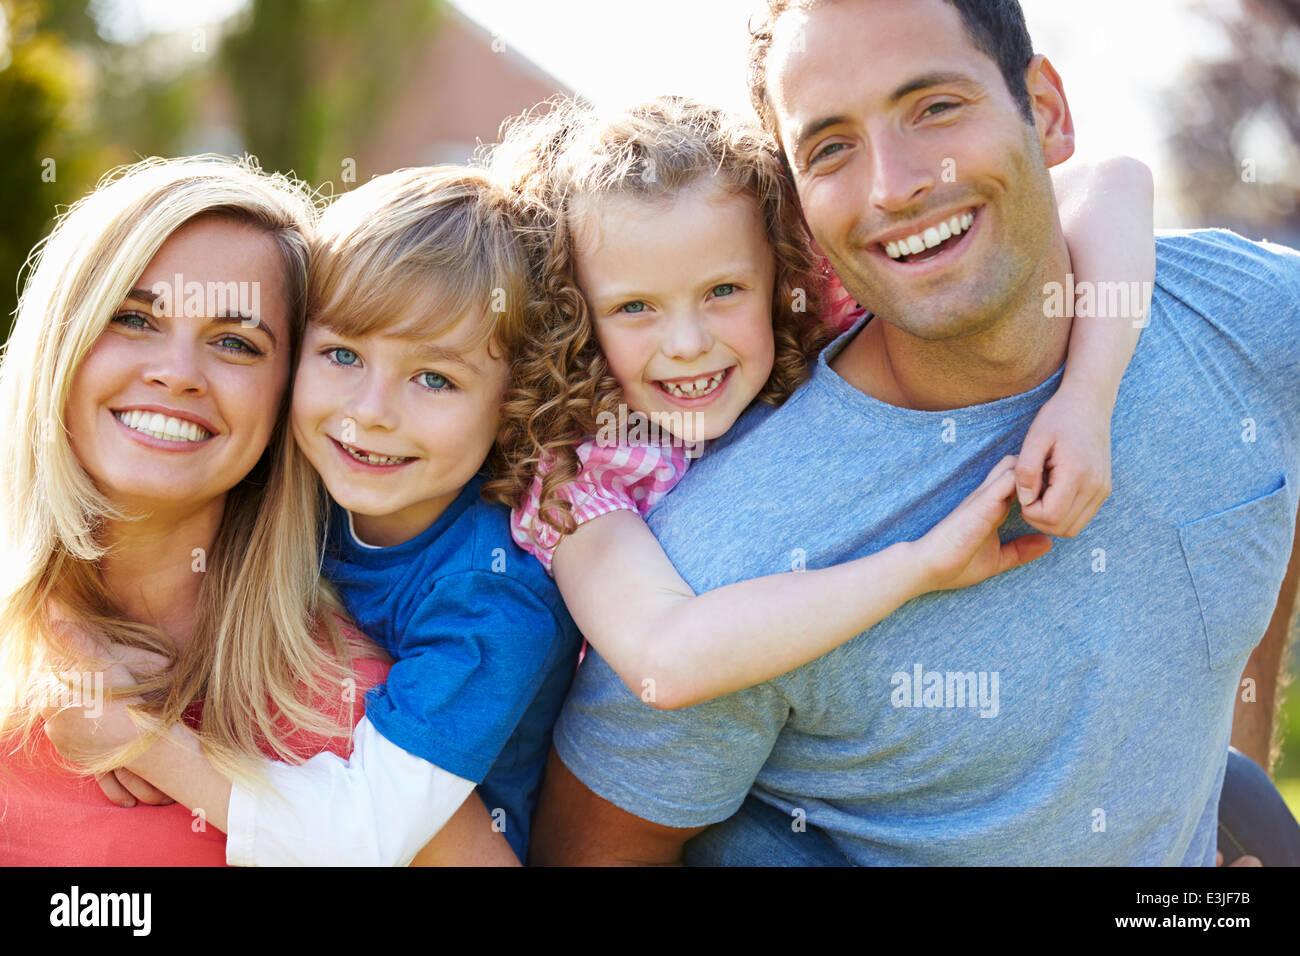 Los padres que dan a los niños Piggyback Paseos en el jardín Imagen De Stock